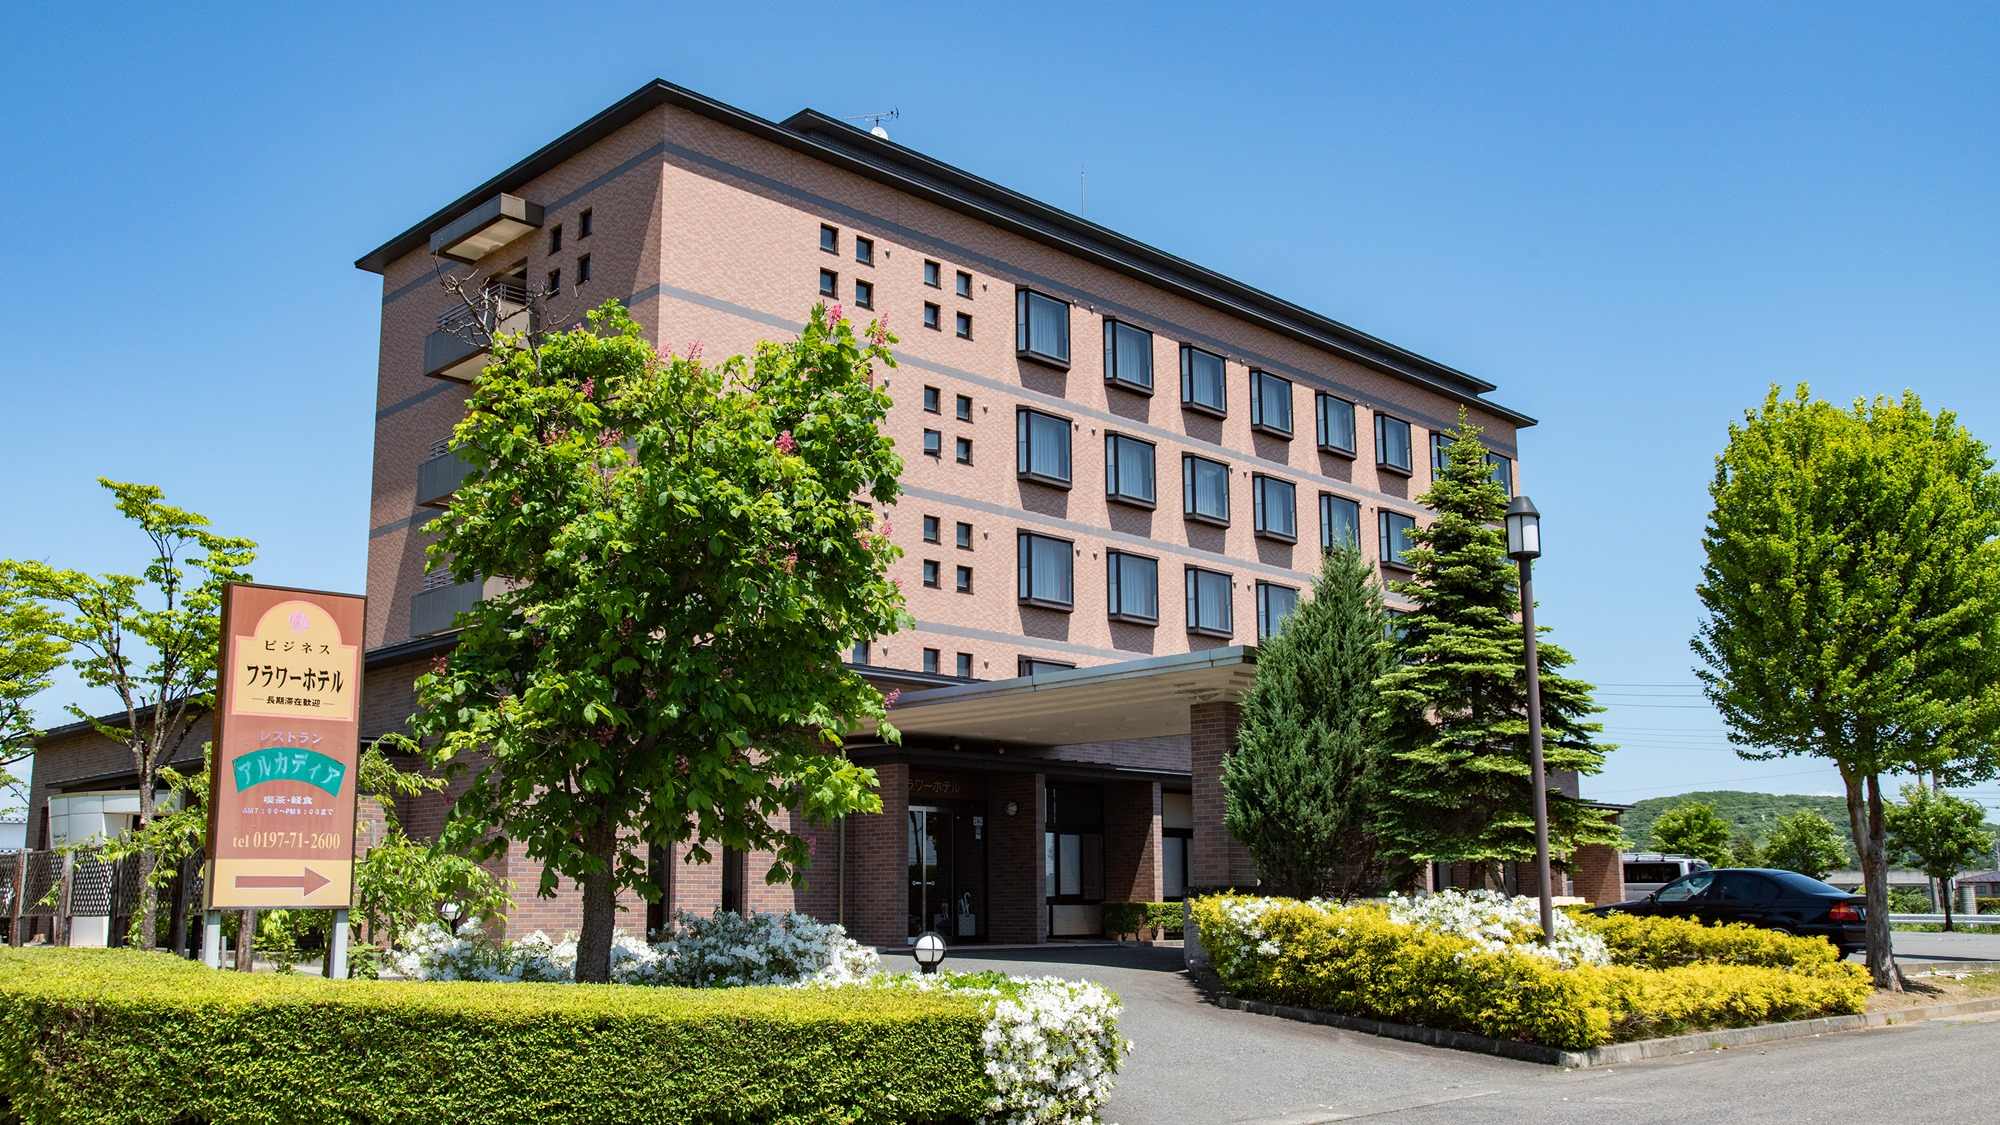 北上オフィスアルカディア フラワーホテル